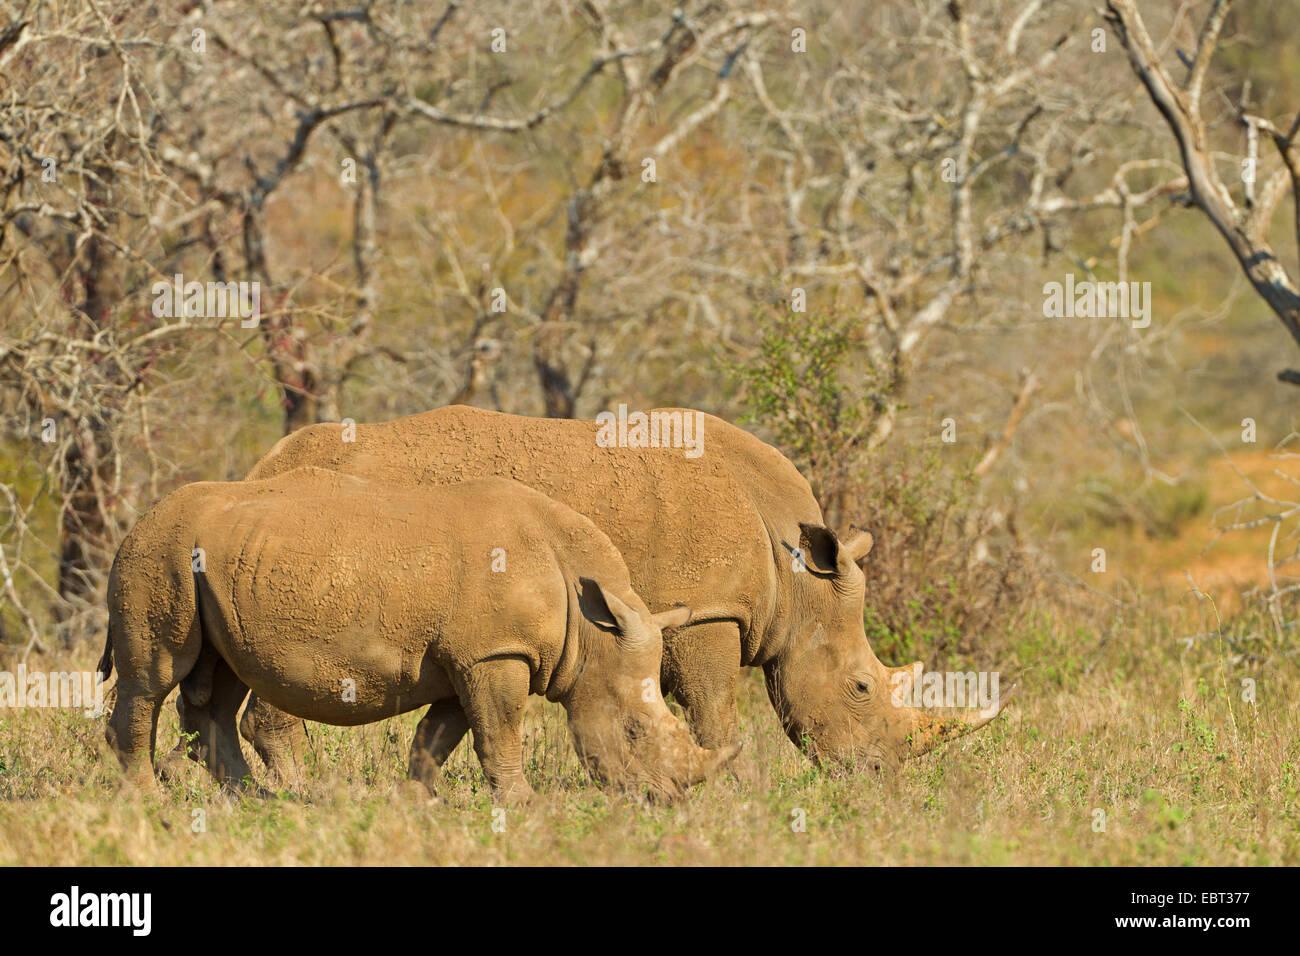 white rhinoceros, square-lipped rhinoceros, grass rhinoceros (Ceratotherium simum), grazing, South Africa, Hluhluwe-Umfolozi National Park Stock Photo